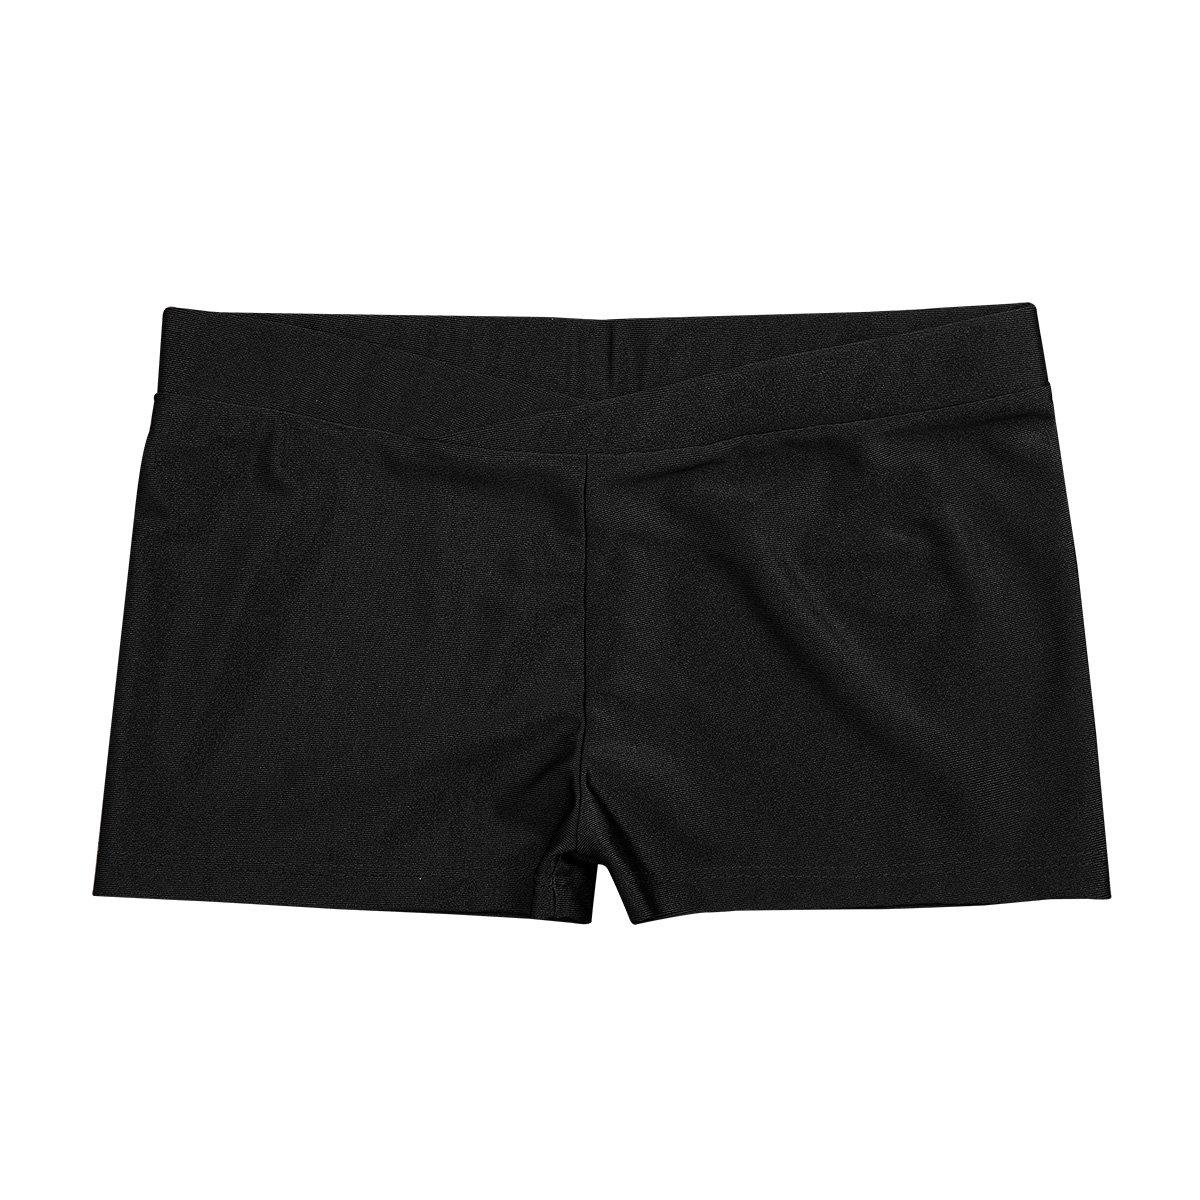 iEFiEL SHORTS ガールズ B07DFFQ2HM 10/12|Black V-front Black V-front 43750